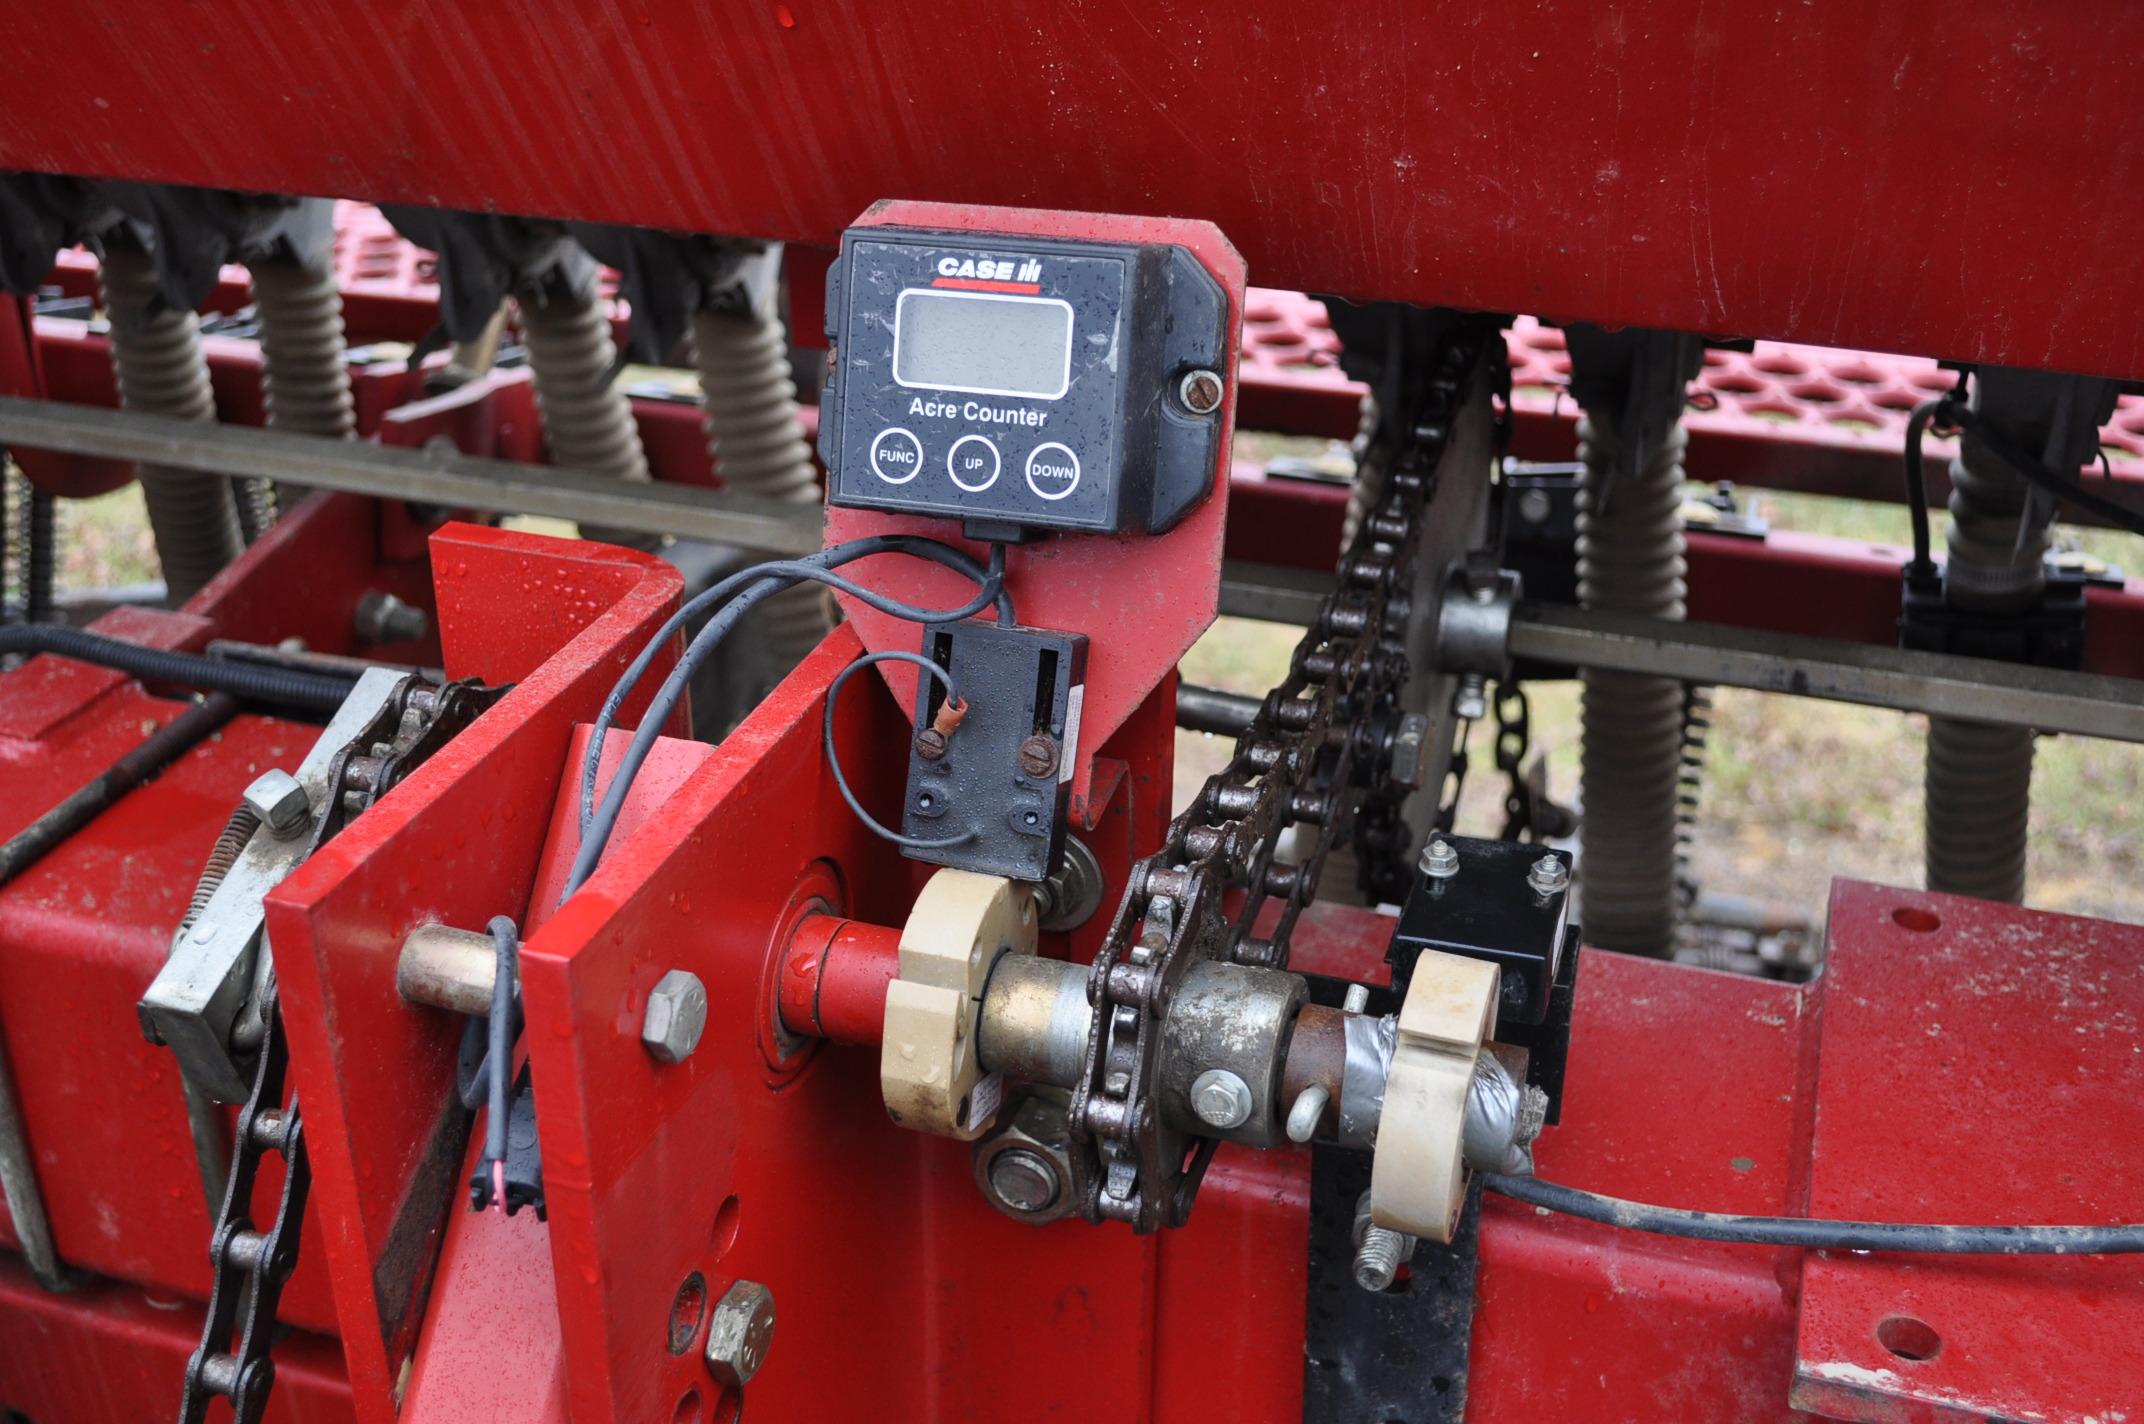 """Case IH 5400 grain drill, 3pt no-till caddie cart, 7 ½"""" spacing, 2 bar coil tine drag, Remlinger - Image 7 of 13"""